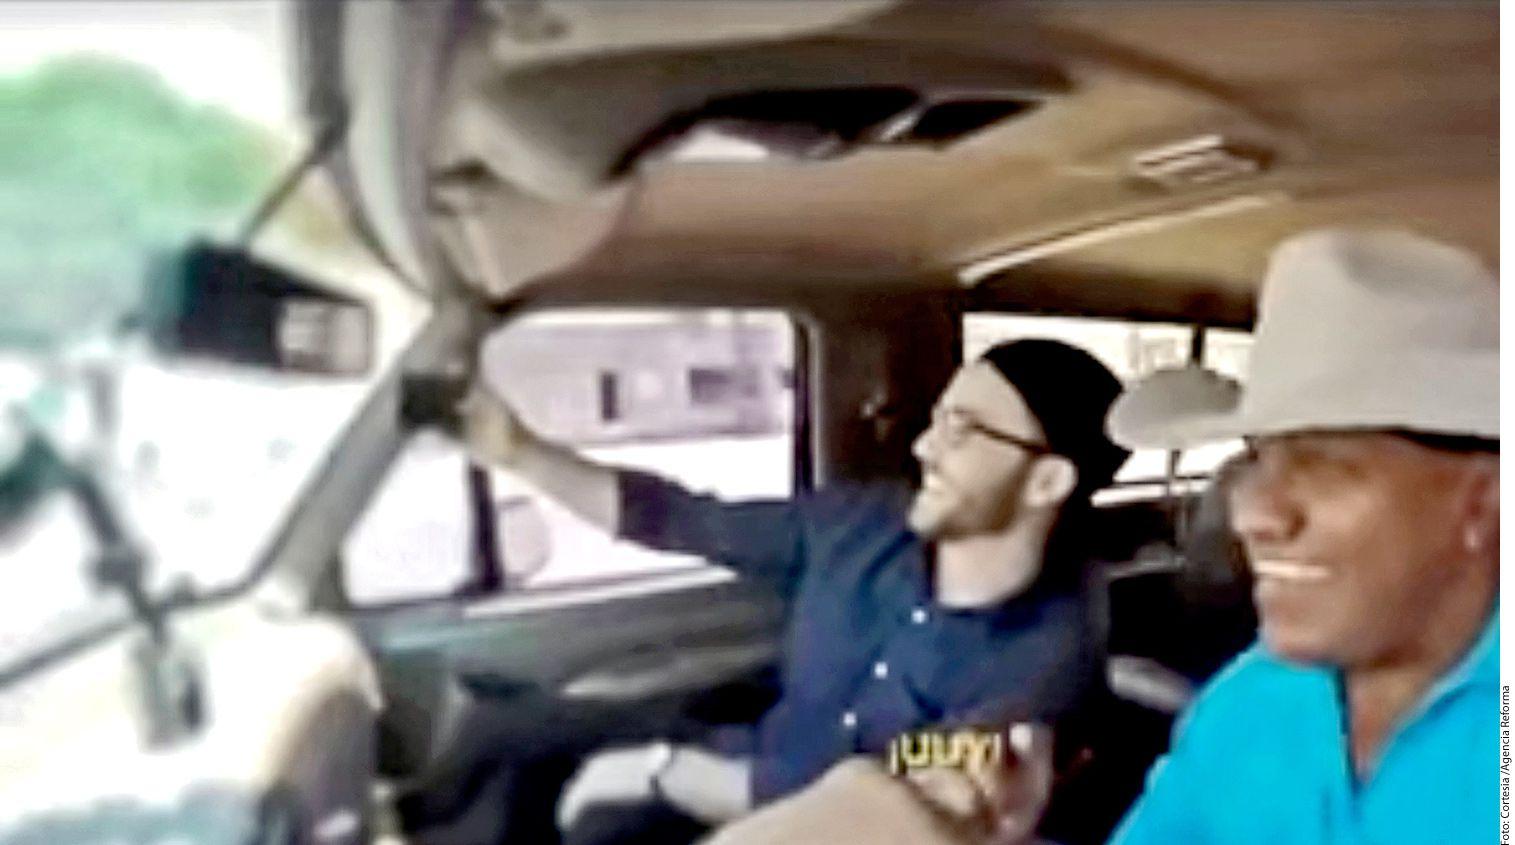 Recientemente, Lupe Esparza (der.), ex líder y vocalista del grupo Bronco, tomó el volante de una Pick Up color negro y decidió transportar a las personas que solicitan el servicio de Uber./AGENCIA REFORMA